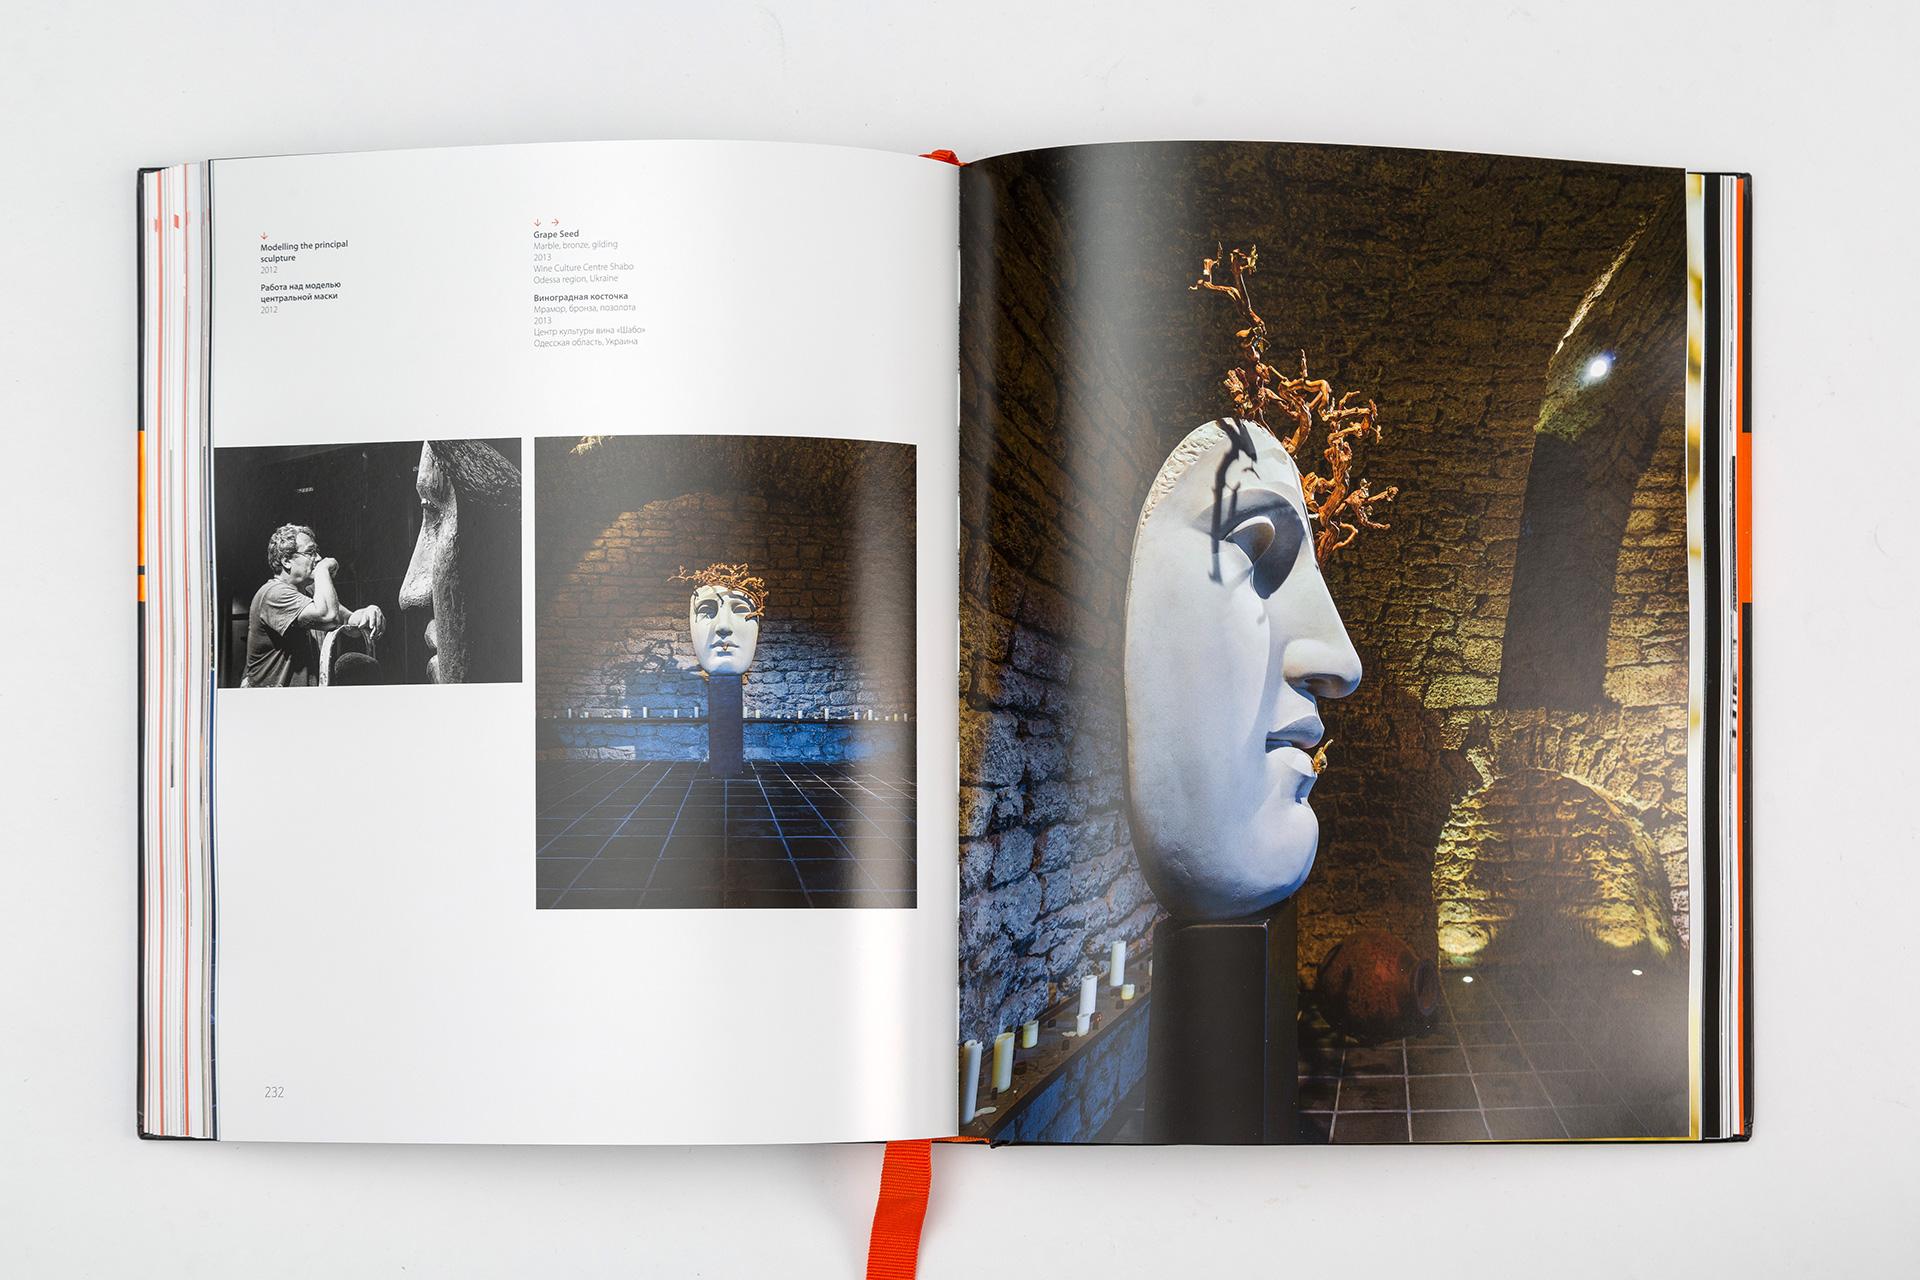 Asgard Branding, юбилейный альбом, дизайн разворота издания, печать, печатные издания, дизайн книги, Михаил Рева